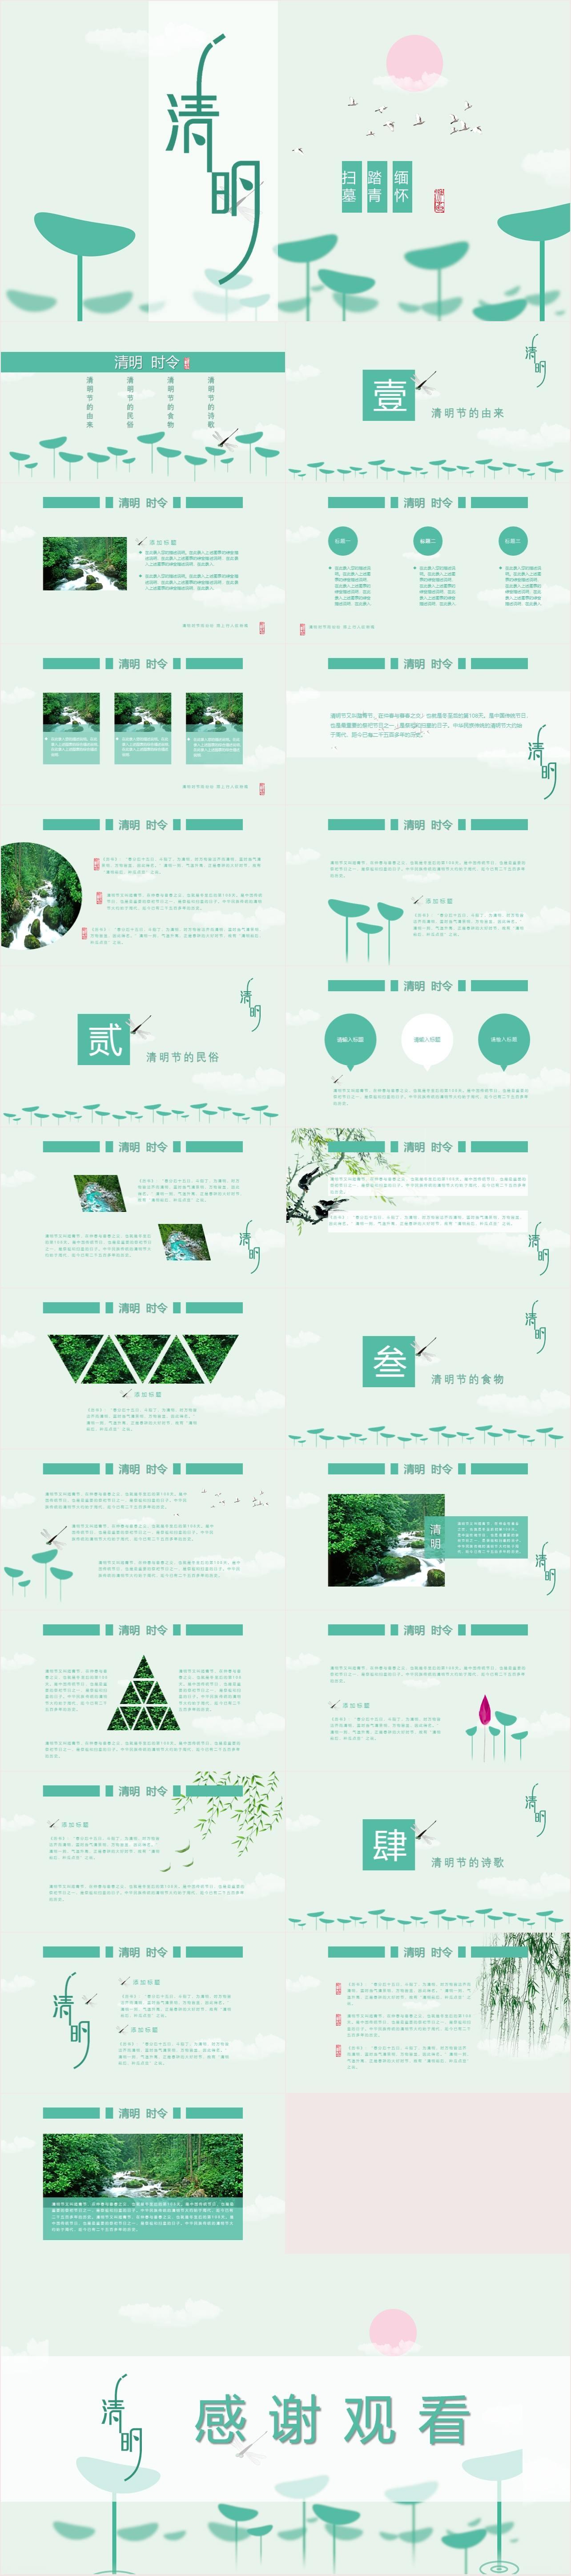 GL00148 绿色文艺小清新清明踏足文化PPT模板